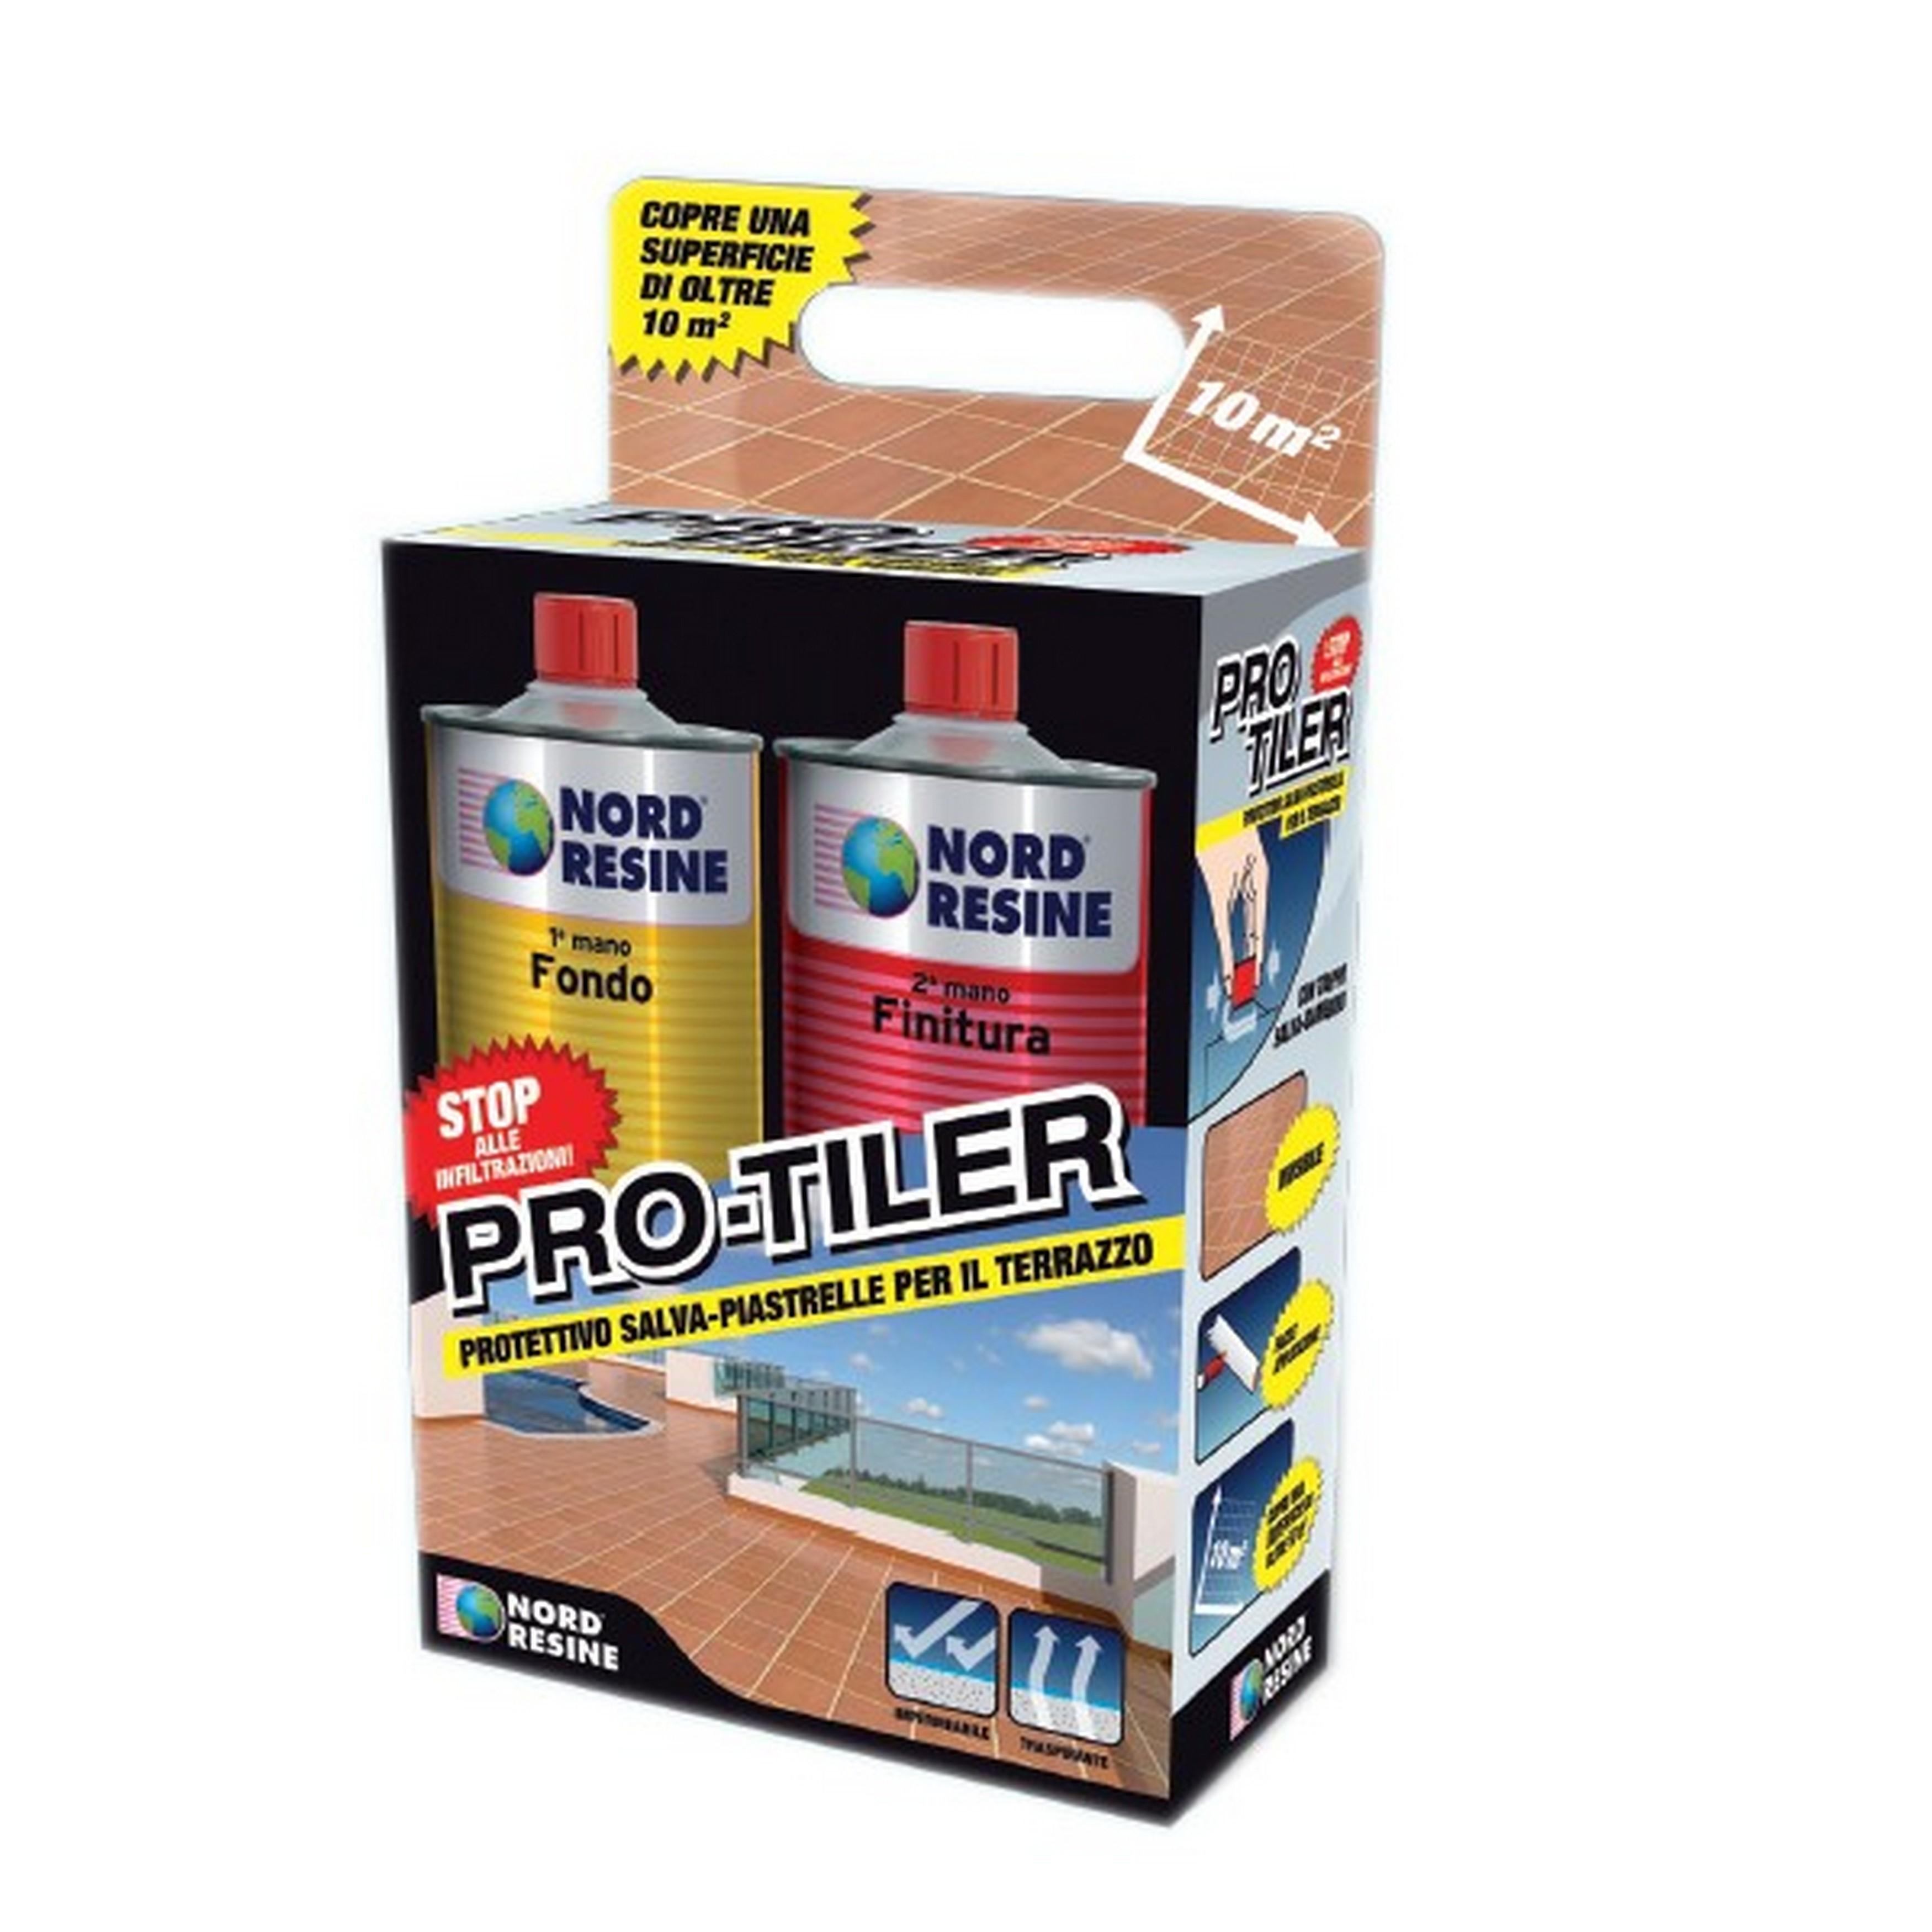 Protettivo salva-piastrelle per terrazzo Pro-Tiler, kit da 1+1 L ...